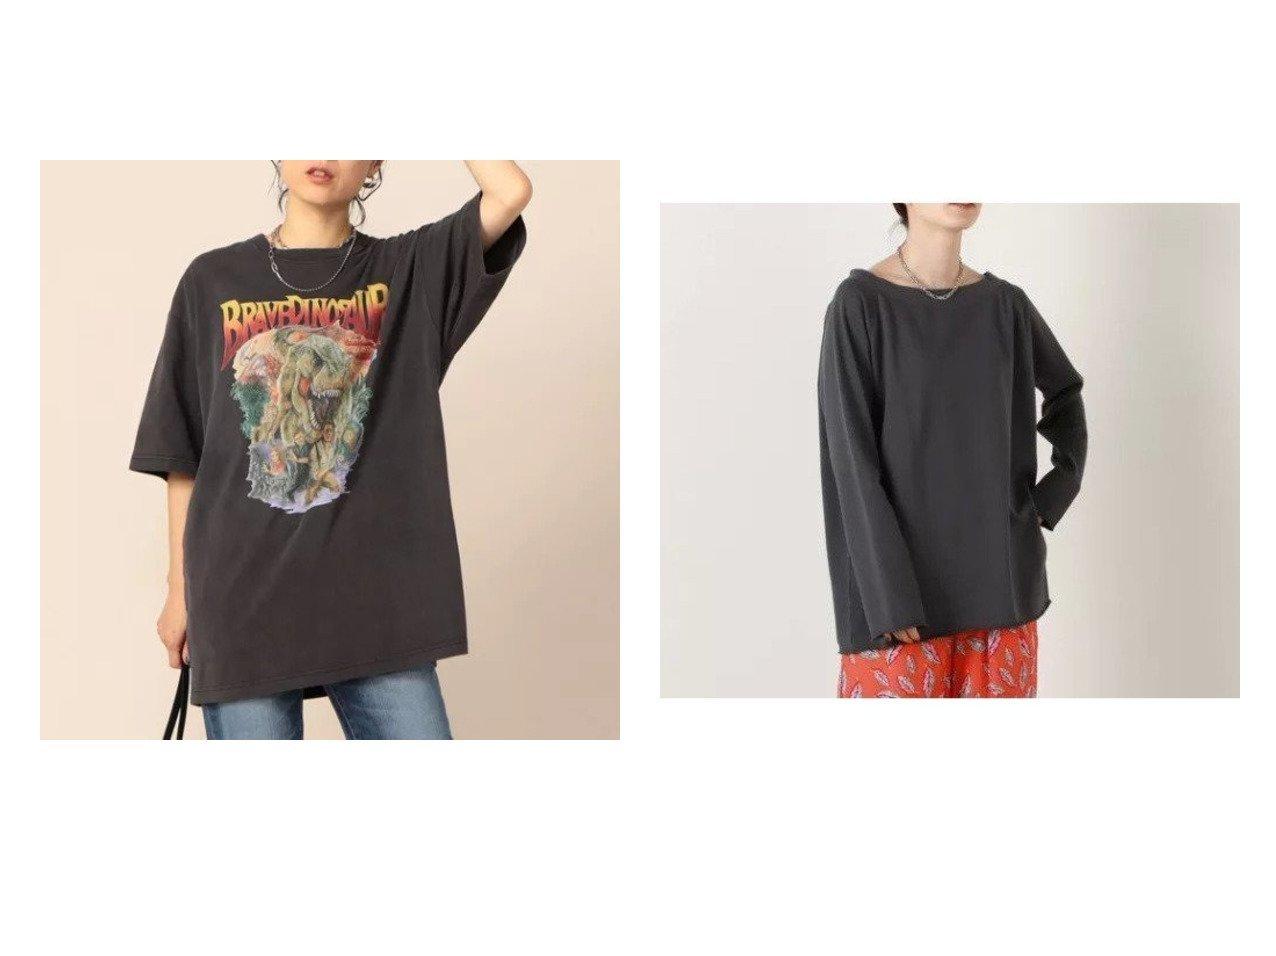 【Rie Miller/リエミラー】のミニ裏毛肩ぬきトレーナー&ピグメント染ダイナソープリントBIG Tシャツ おすすめ!人気、トレンド・レディースファッションの通販  おすすめで人気の流行・トレンド、ファッションの通販商品 インテリア・家具・メンズファッション・キッズファッション・レディースファッション・服の通販 founy(ファニー) https://founy.com/ ファッション Fashion レディースファッション WOMEN トップス・カットソー Tops/Tshirt シャツ/ブラウス Shirts/Blouses ロング / Tシャツ T-Shirts カットソー Cut and Sewn 2021年 2021 2021-2022秋冬・A/W AW・Autumn/Winter・FW・Fall-Winter・2021-2022 A/W・秋冬 AW・Autumn/Winter・FW・Fall-Winter おすすめ Recommend カットソー ビッグ プリント ヴィンテージ 半袖 トレーナー リラックス ロング 長袖  ID:crp329100000062837